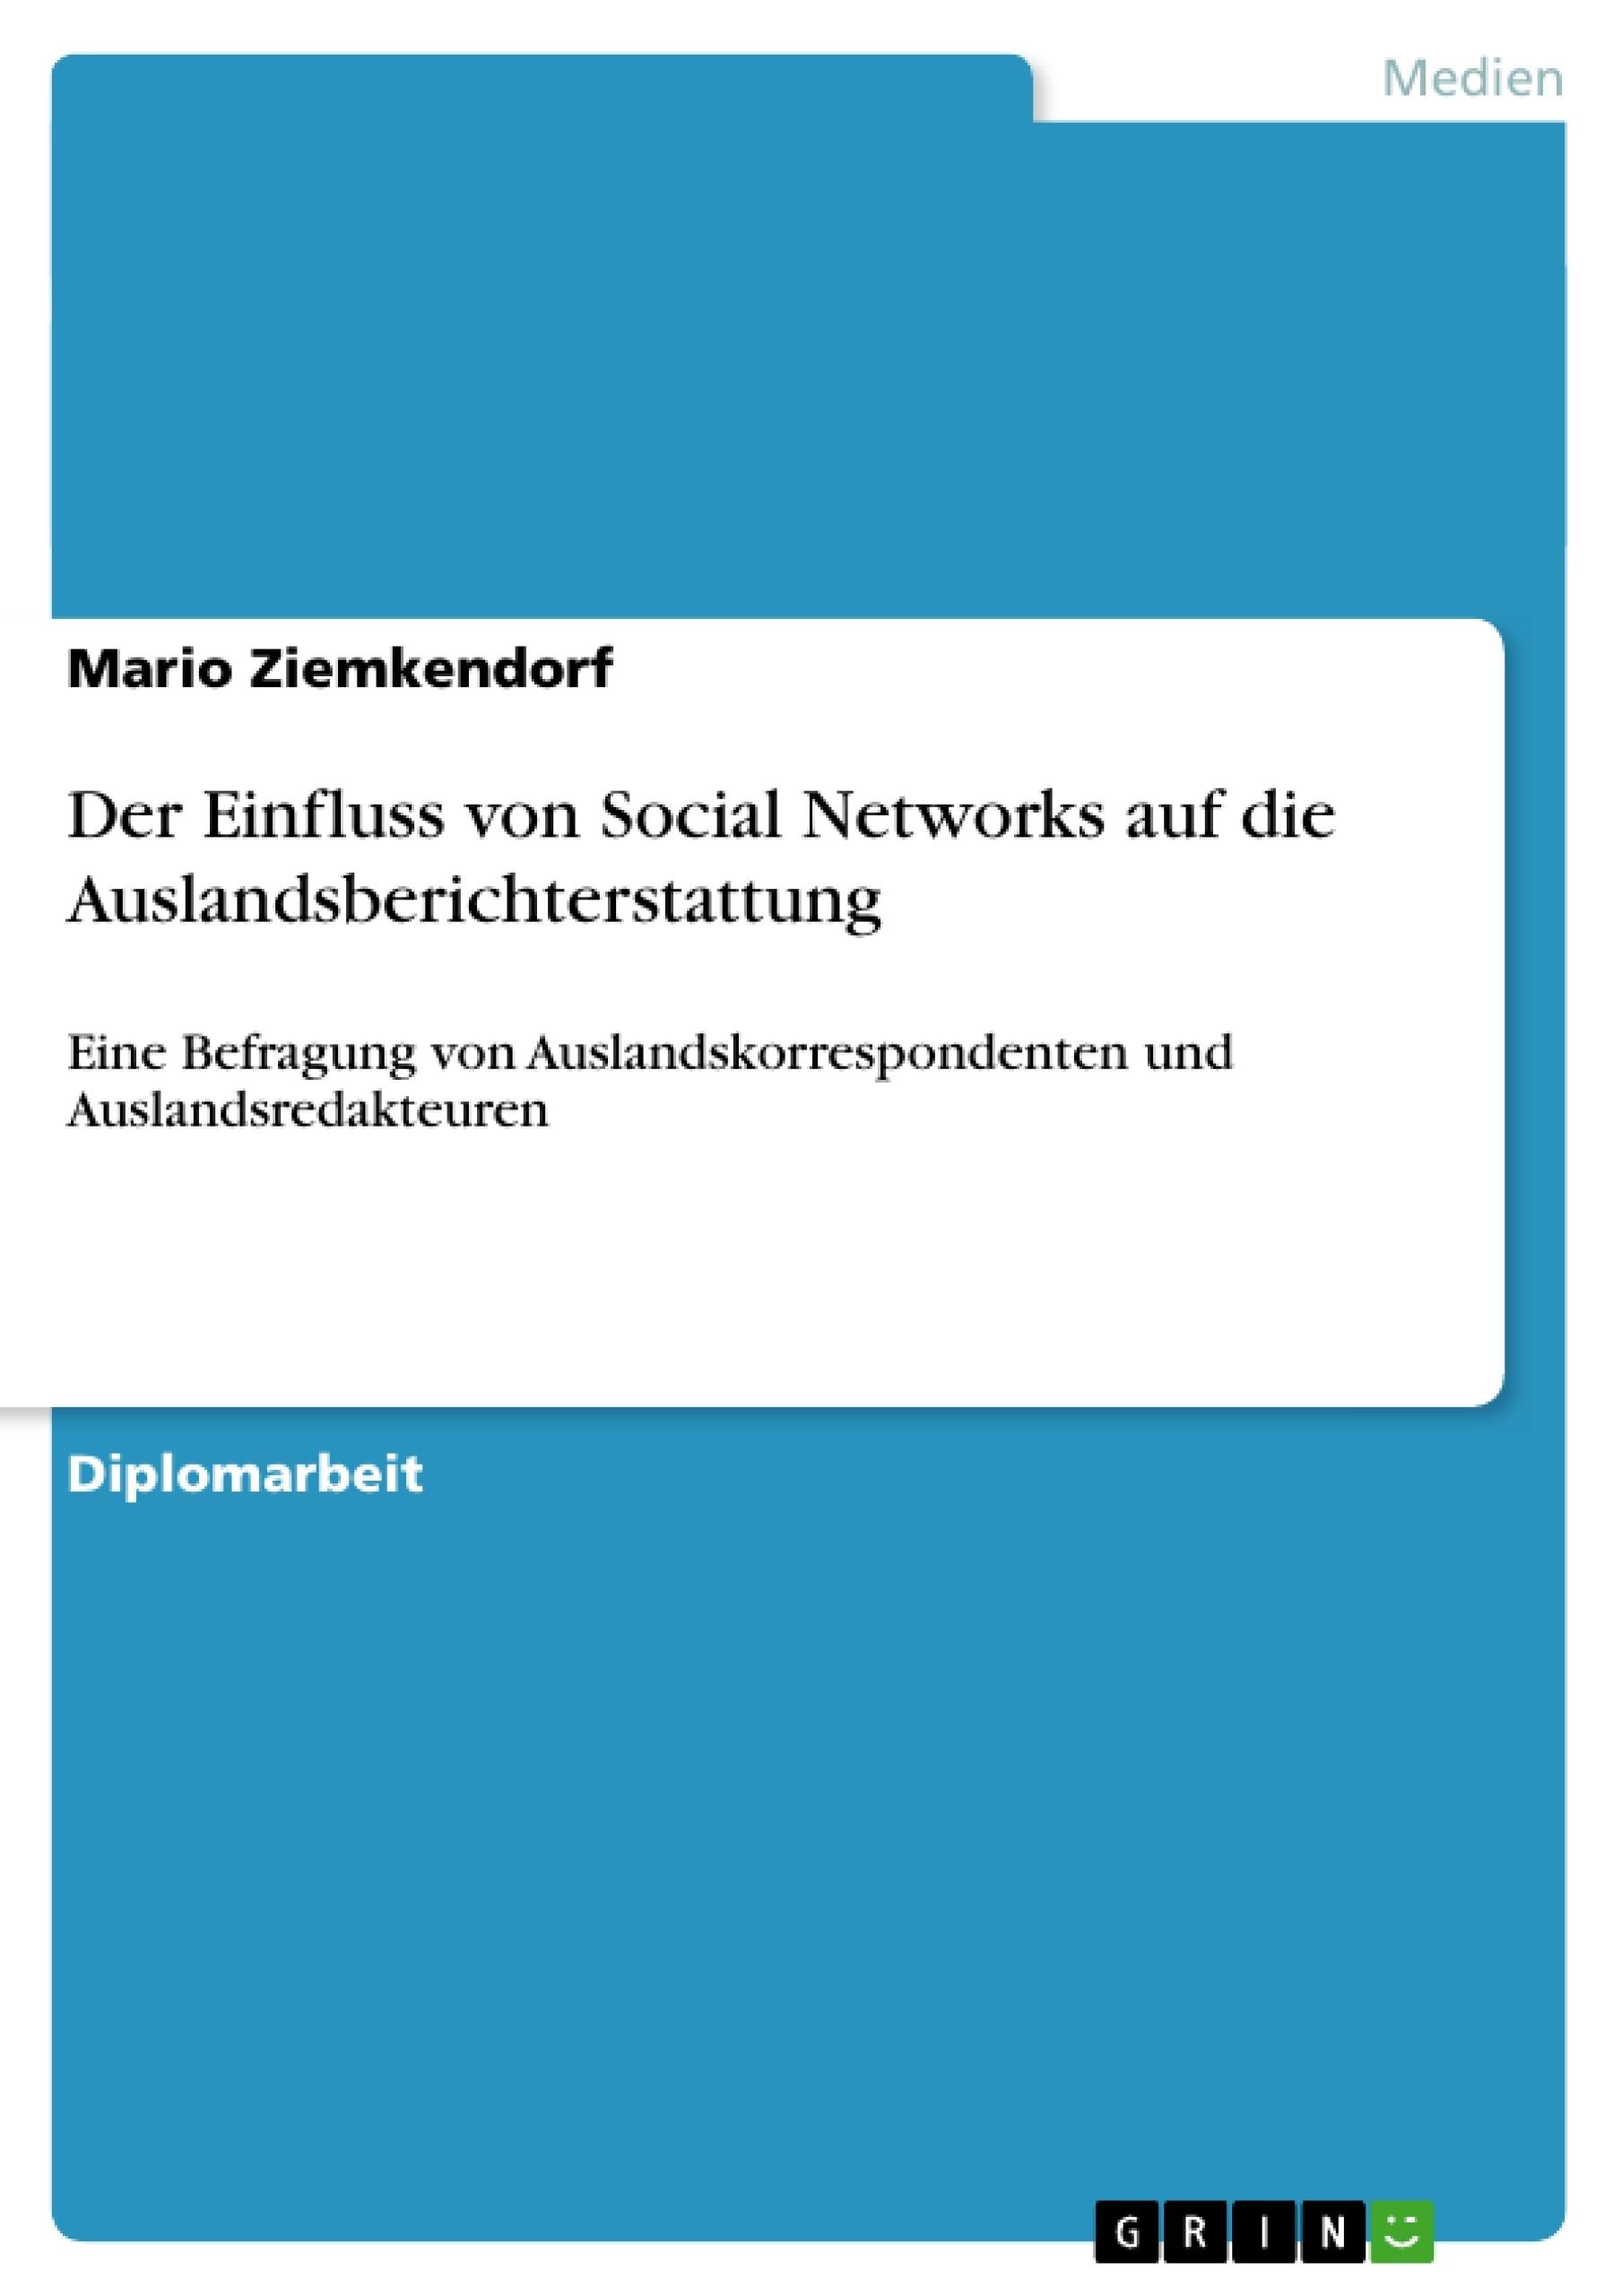 Titel: Der Einfluss von Social Networks auf die Auslandsberichterstattung